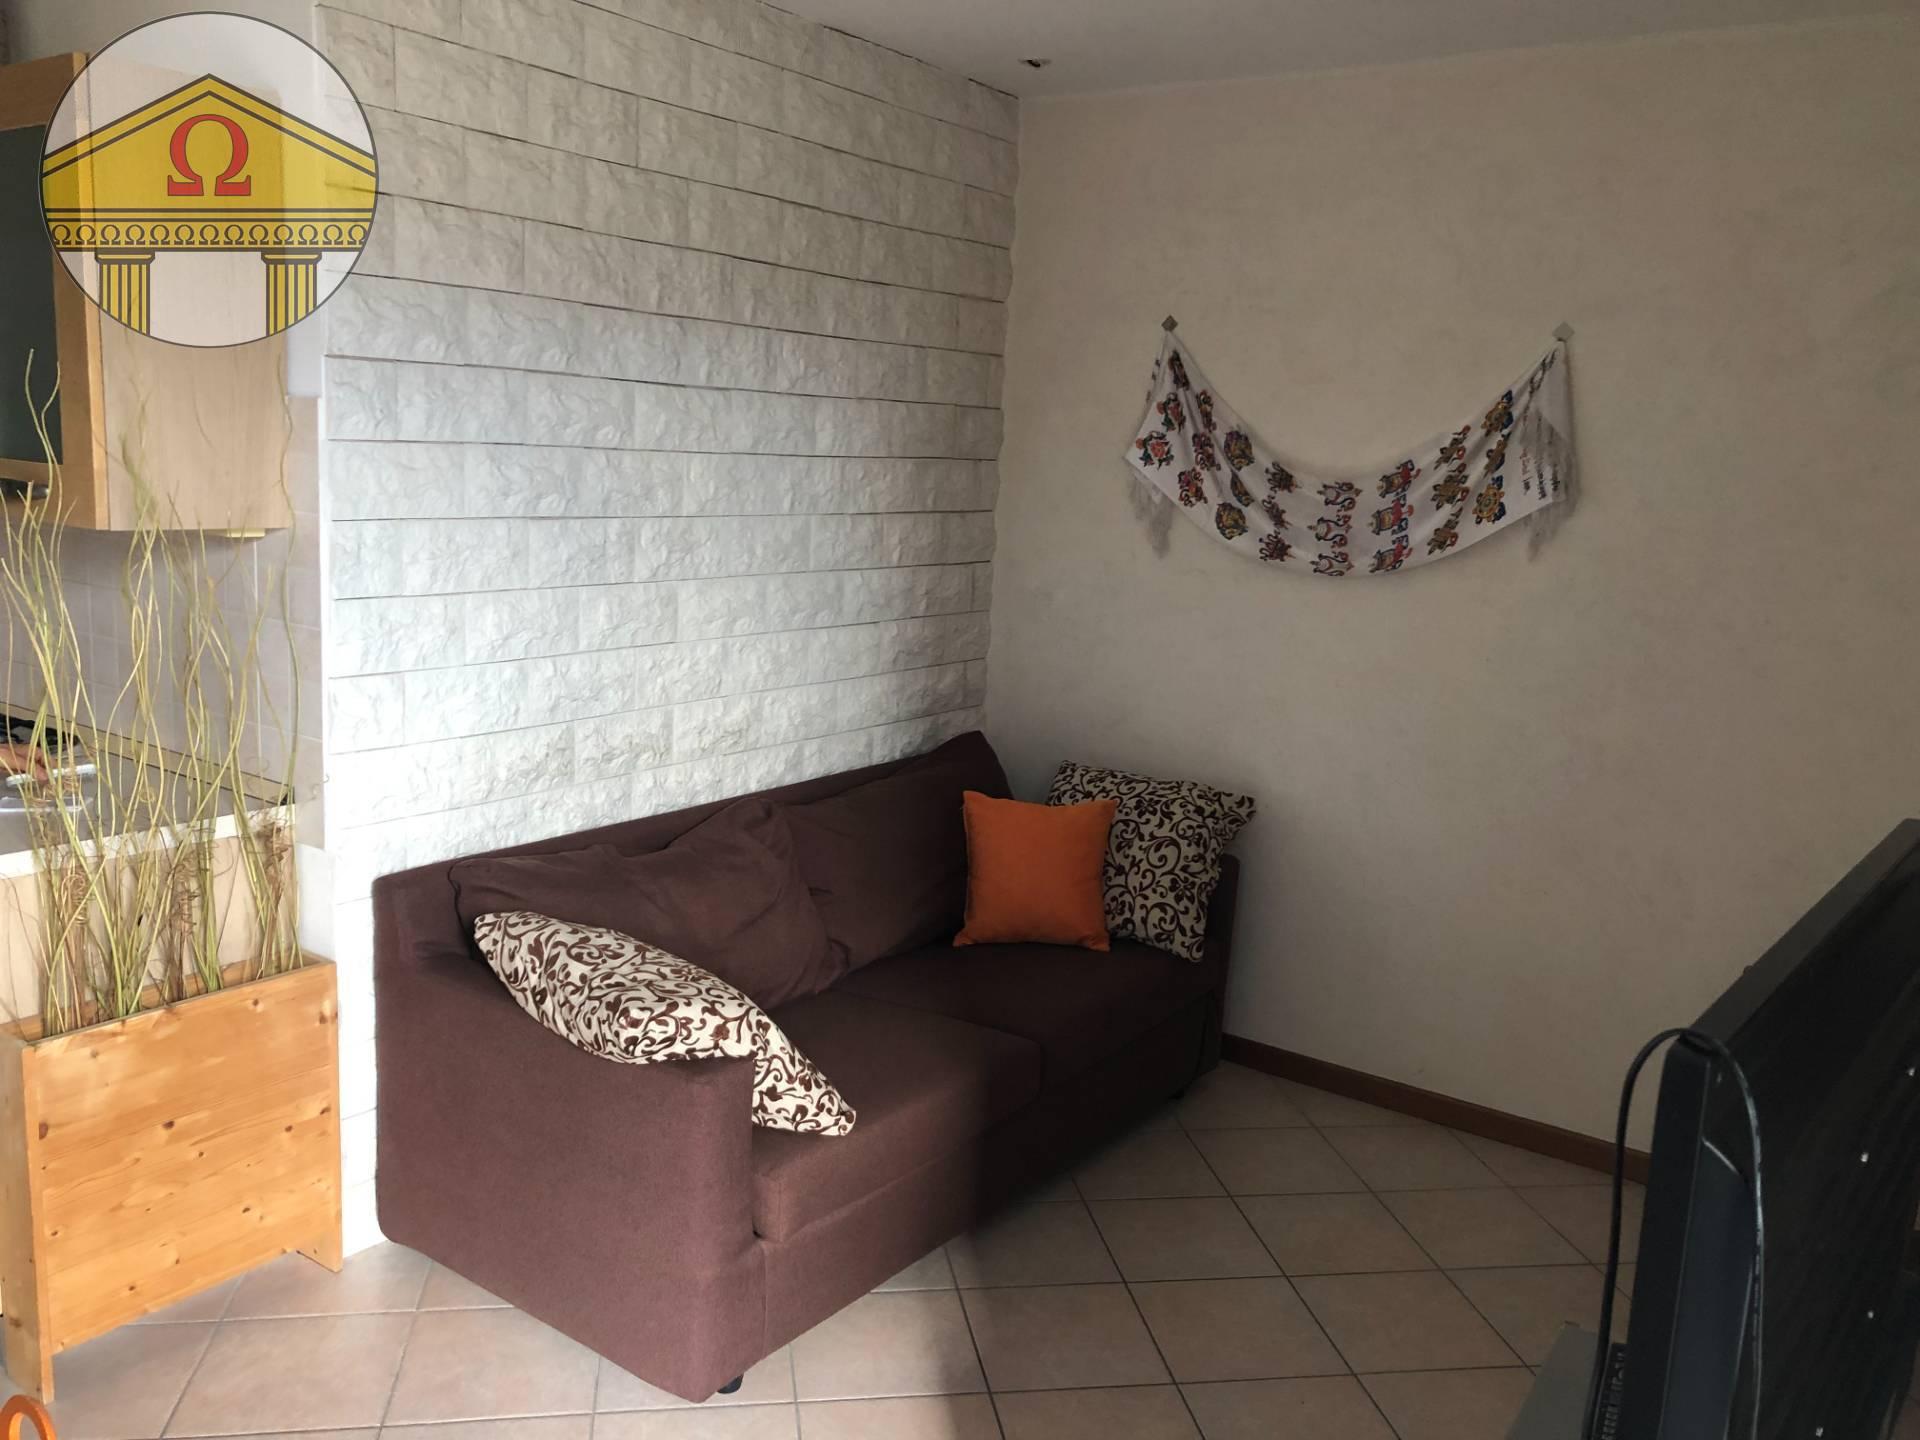 Appartamento in affitto a Varago, Maserada Sul Piave (TV)